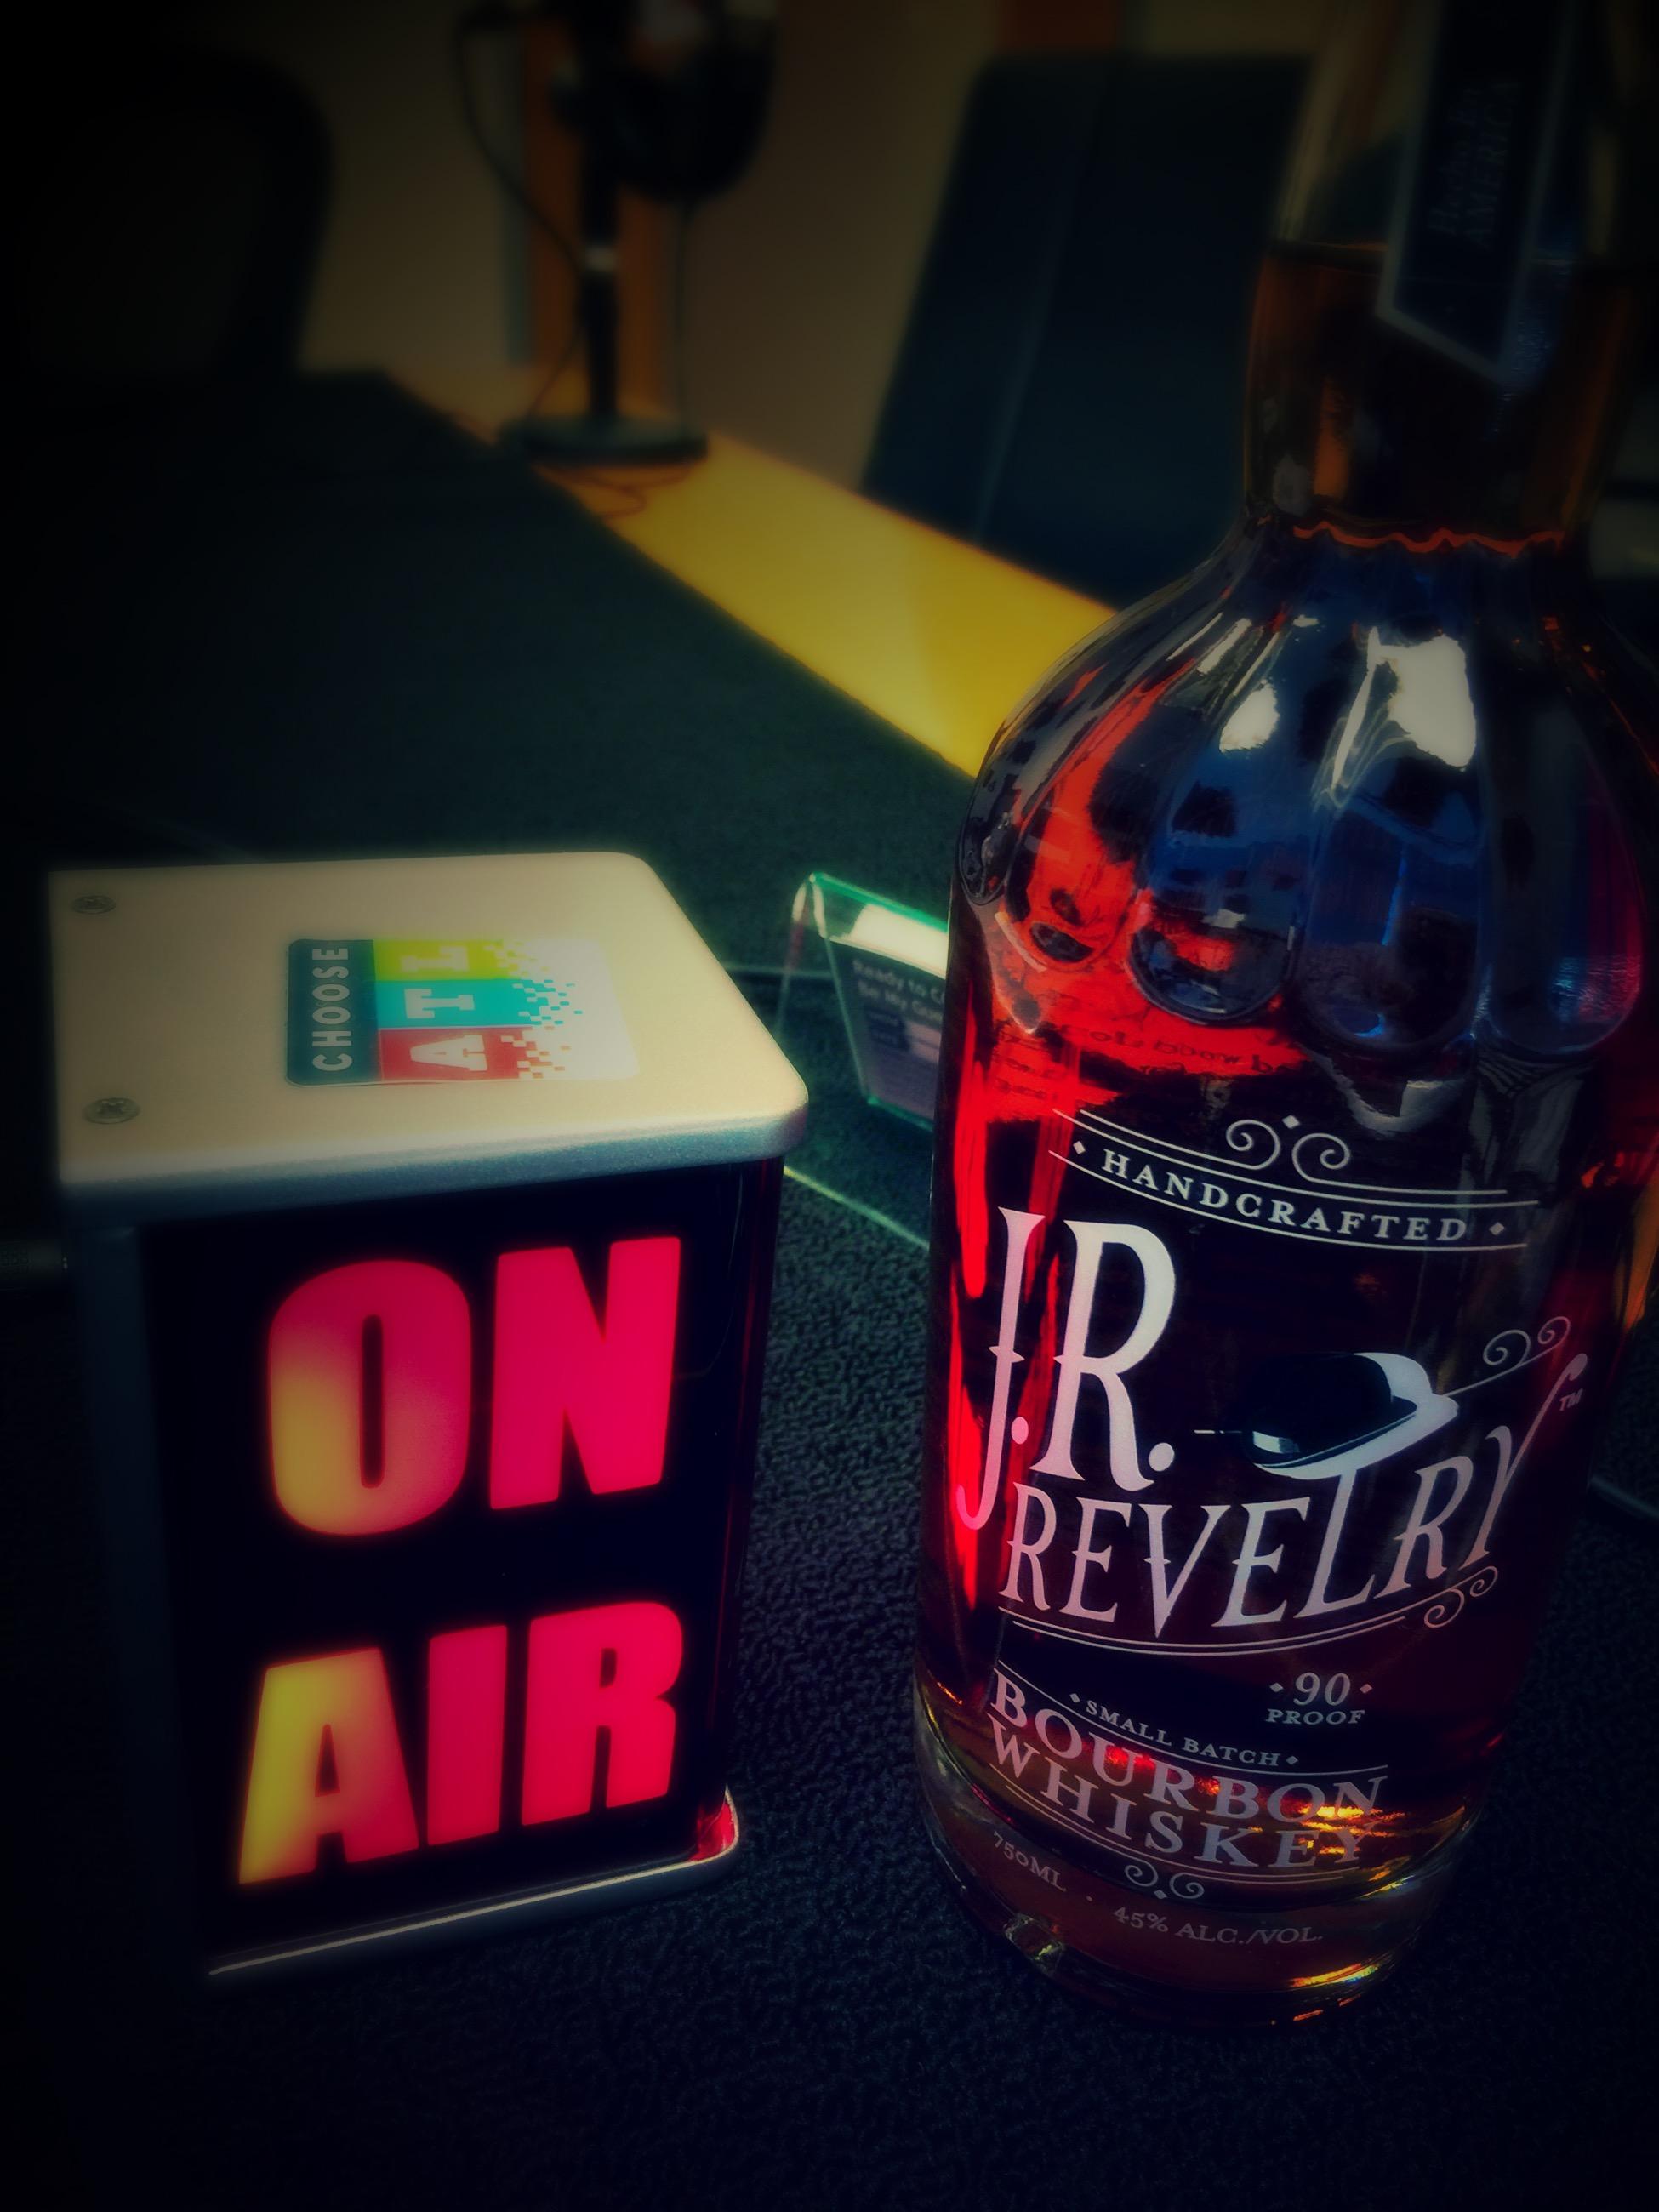 JR Revelry Bourbon Whiskey